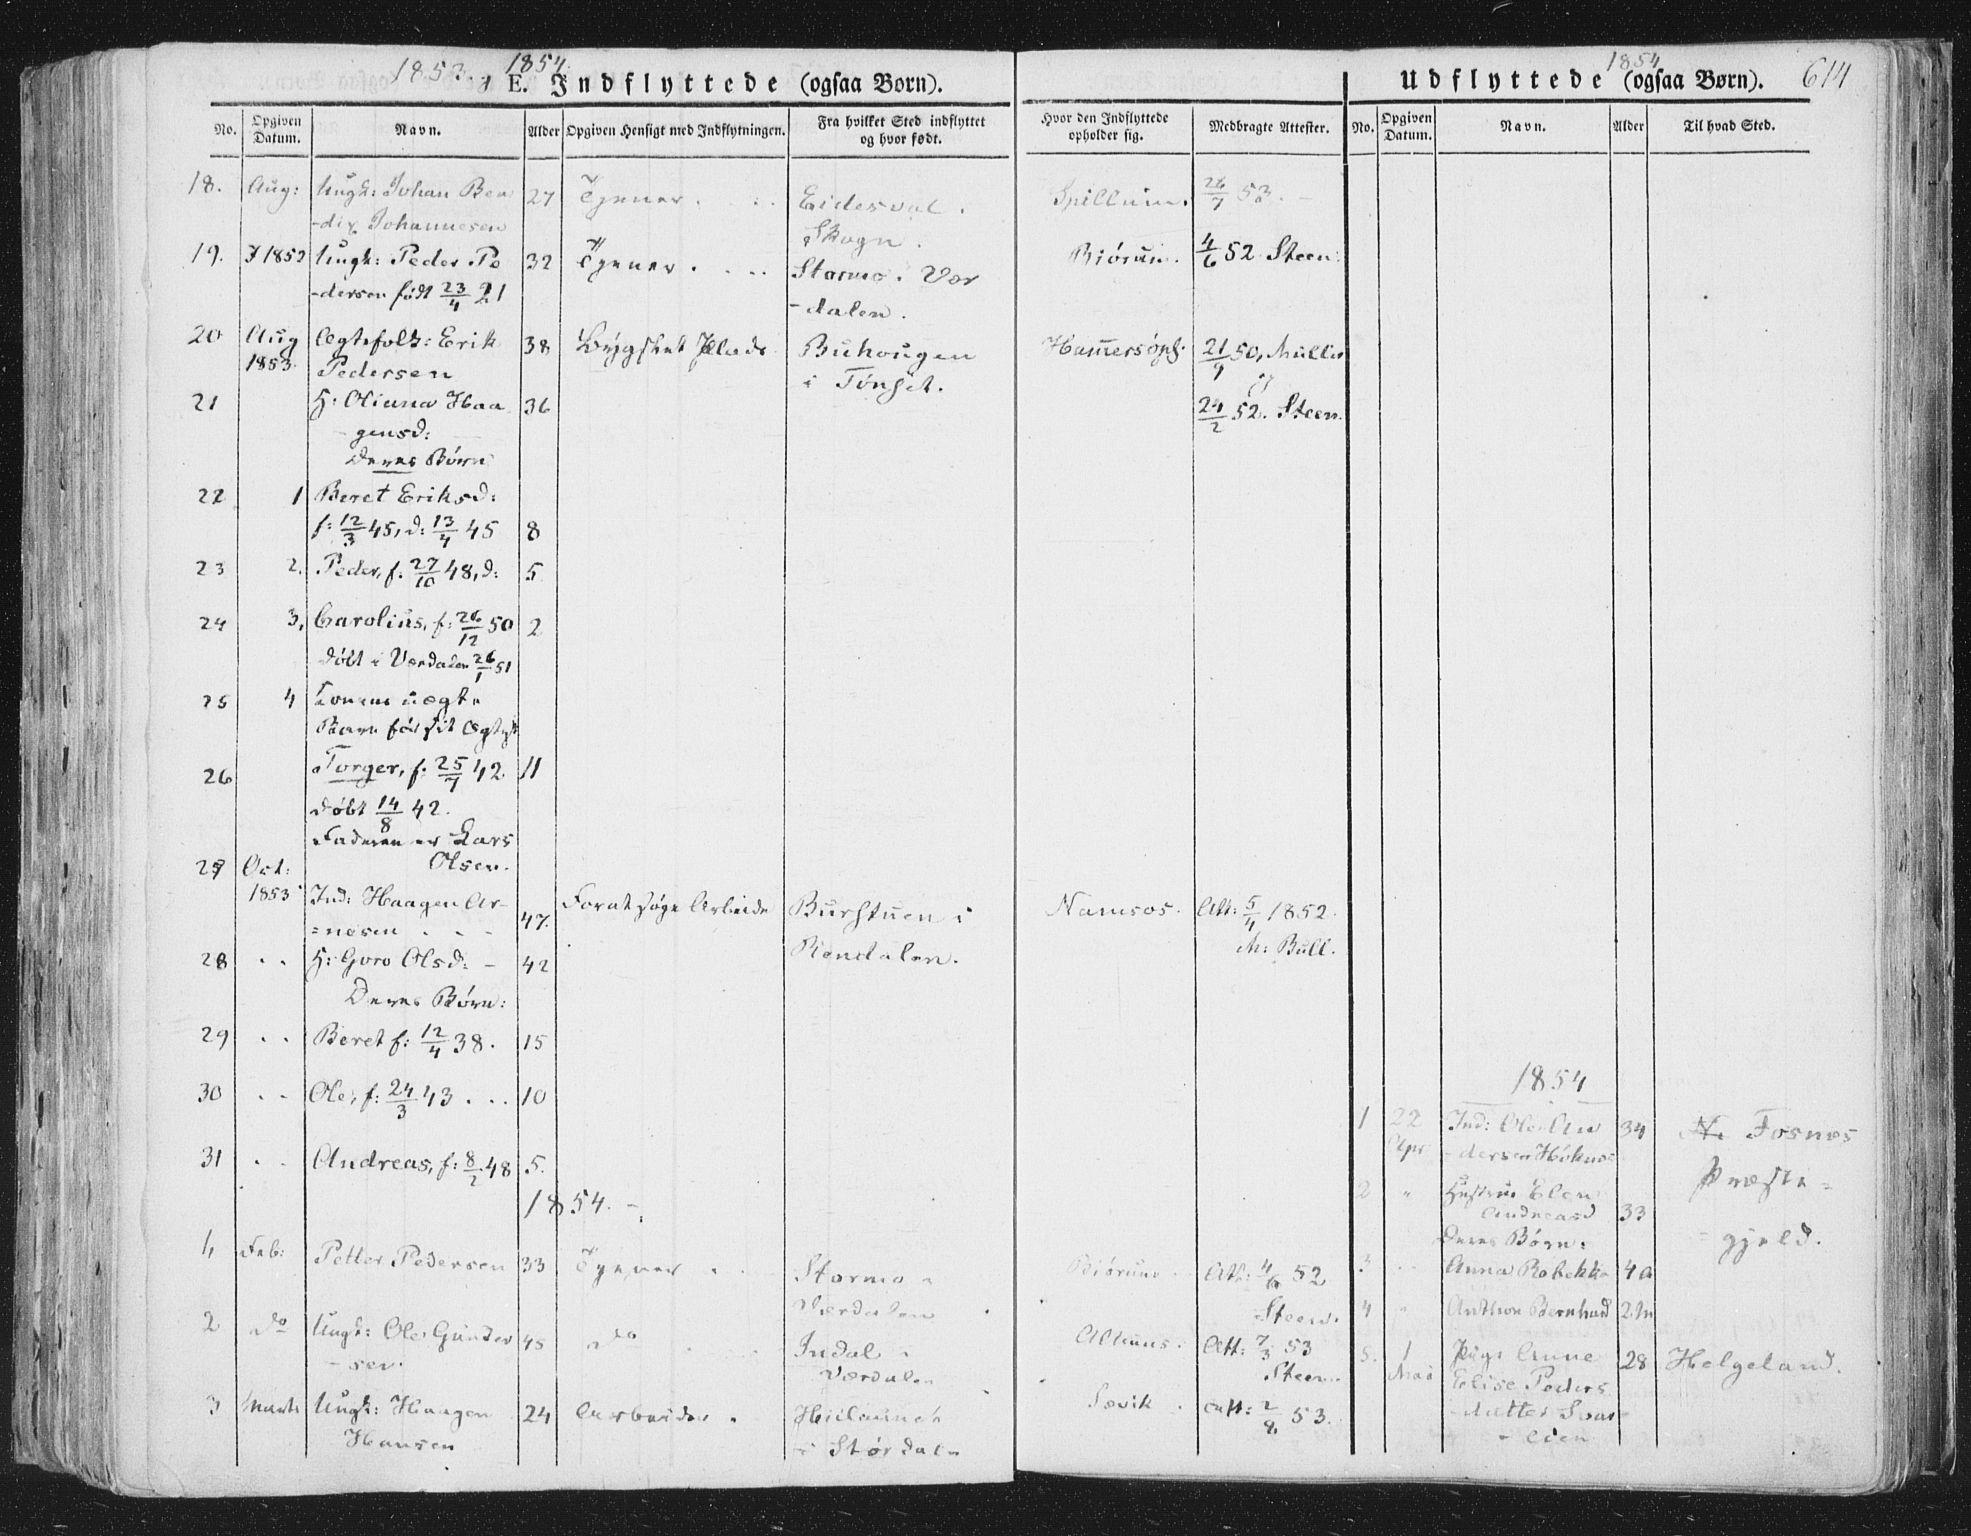 SAT, Ministerialprotokoller, klokkerbøker og fødselsregistre - Nord-Trøndelag, 764/L0552: Ministerialbok nr. 764A07b, 1824-1865, s. 614